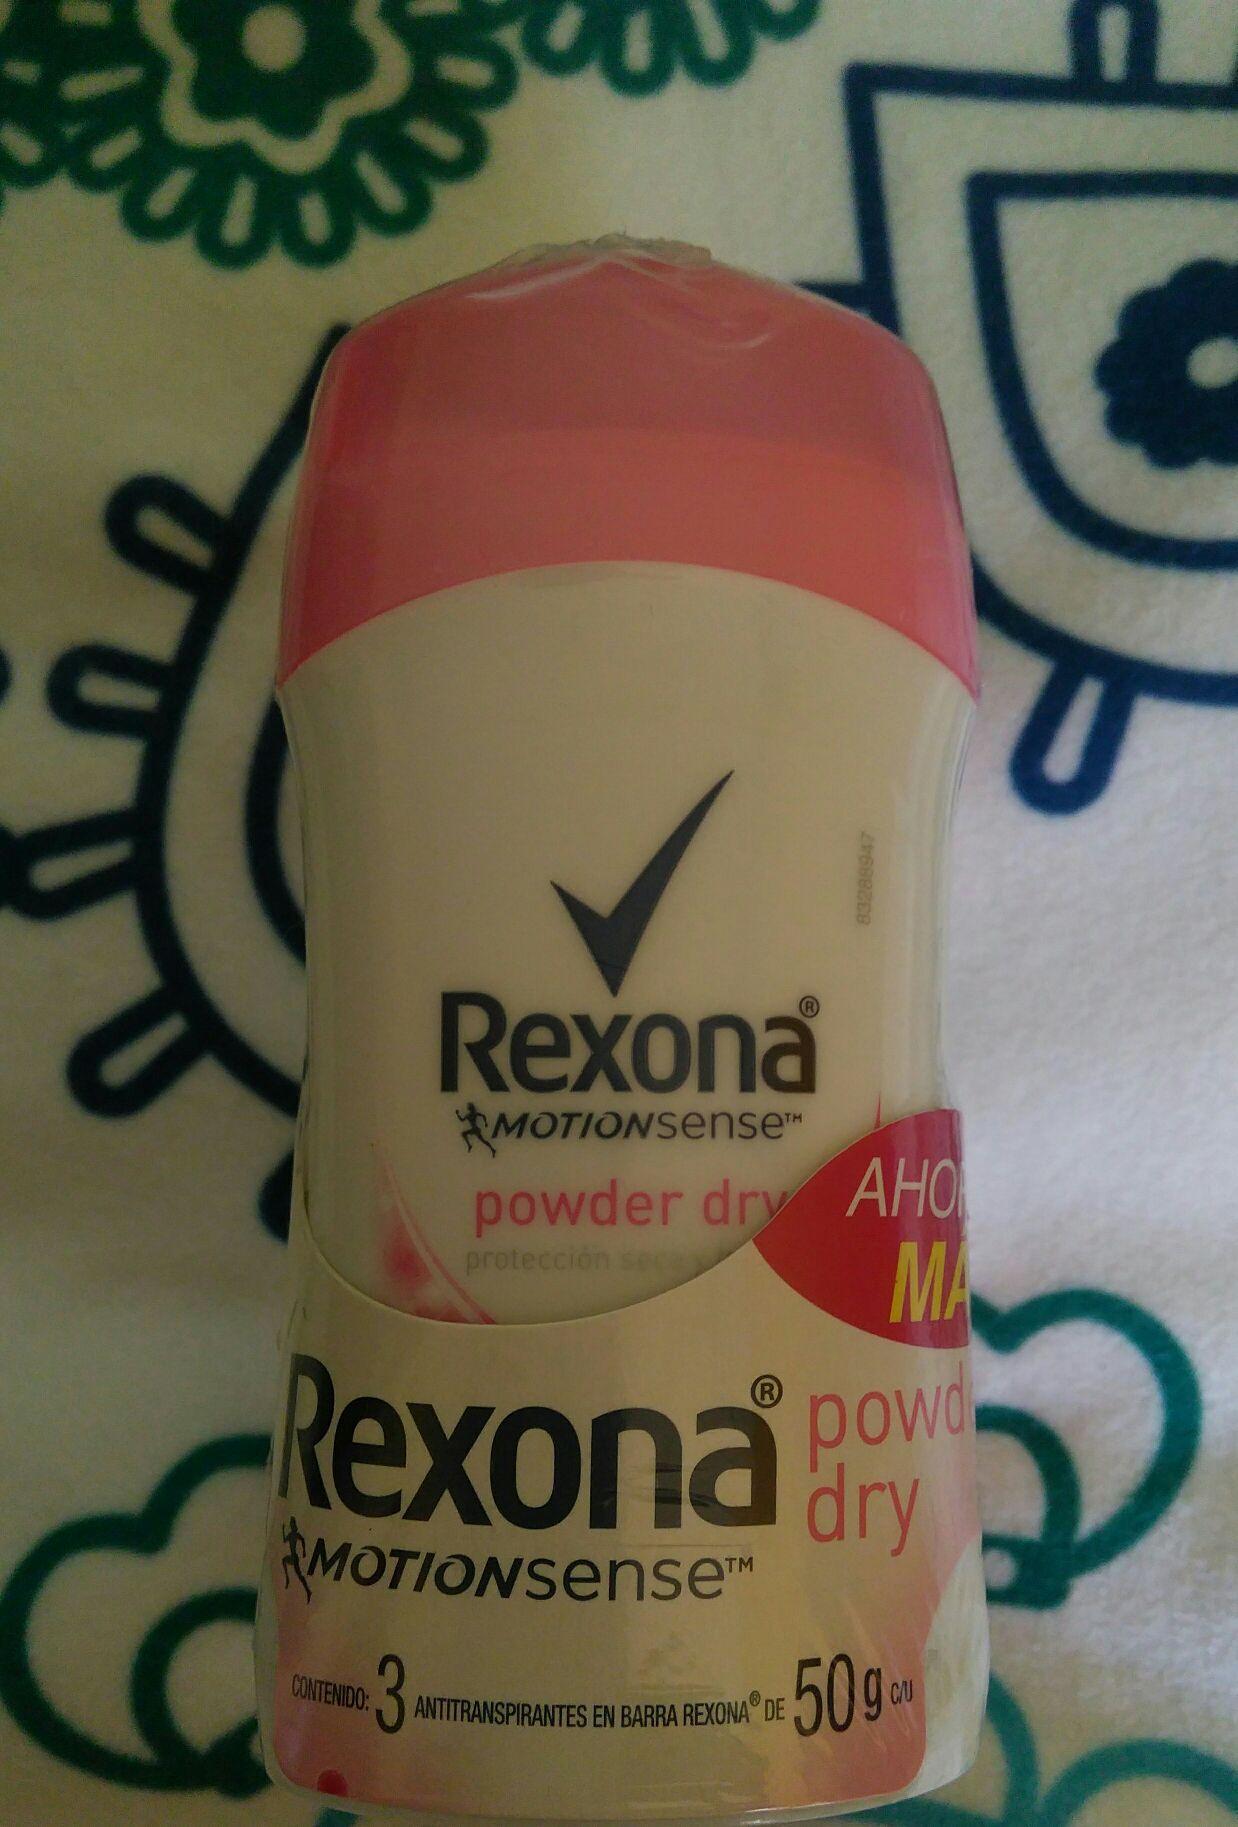 Walmart: Veracruz Rexona 3 pack $40.03